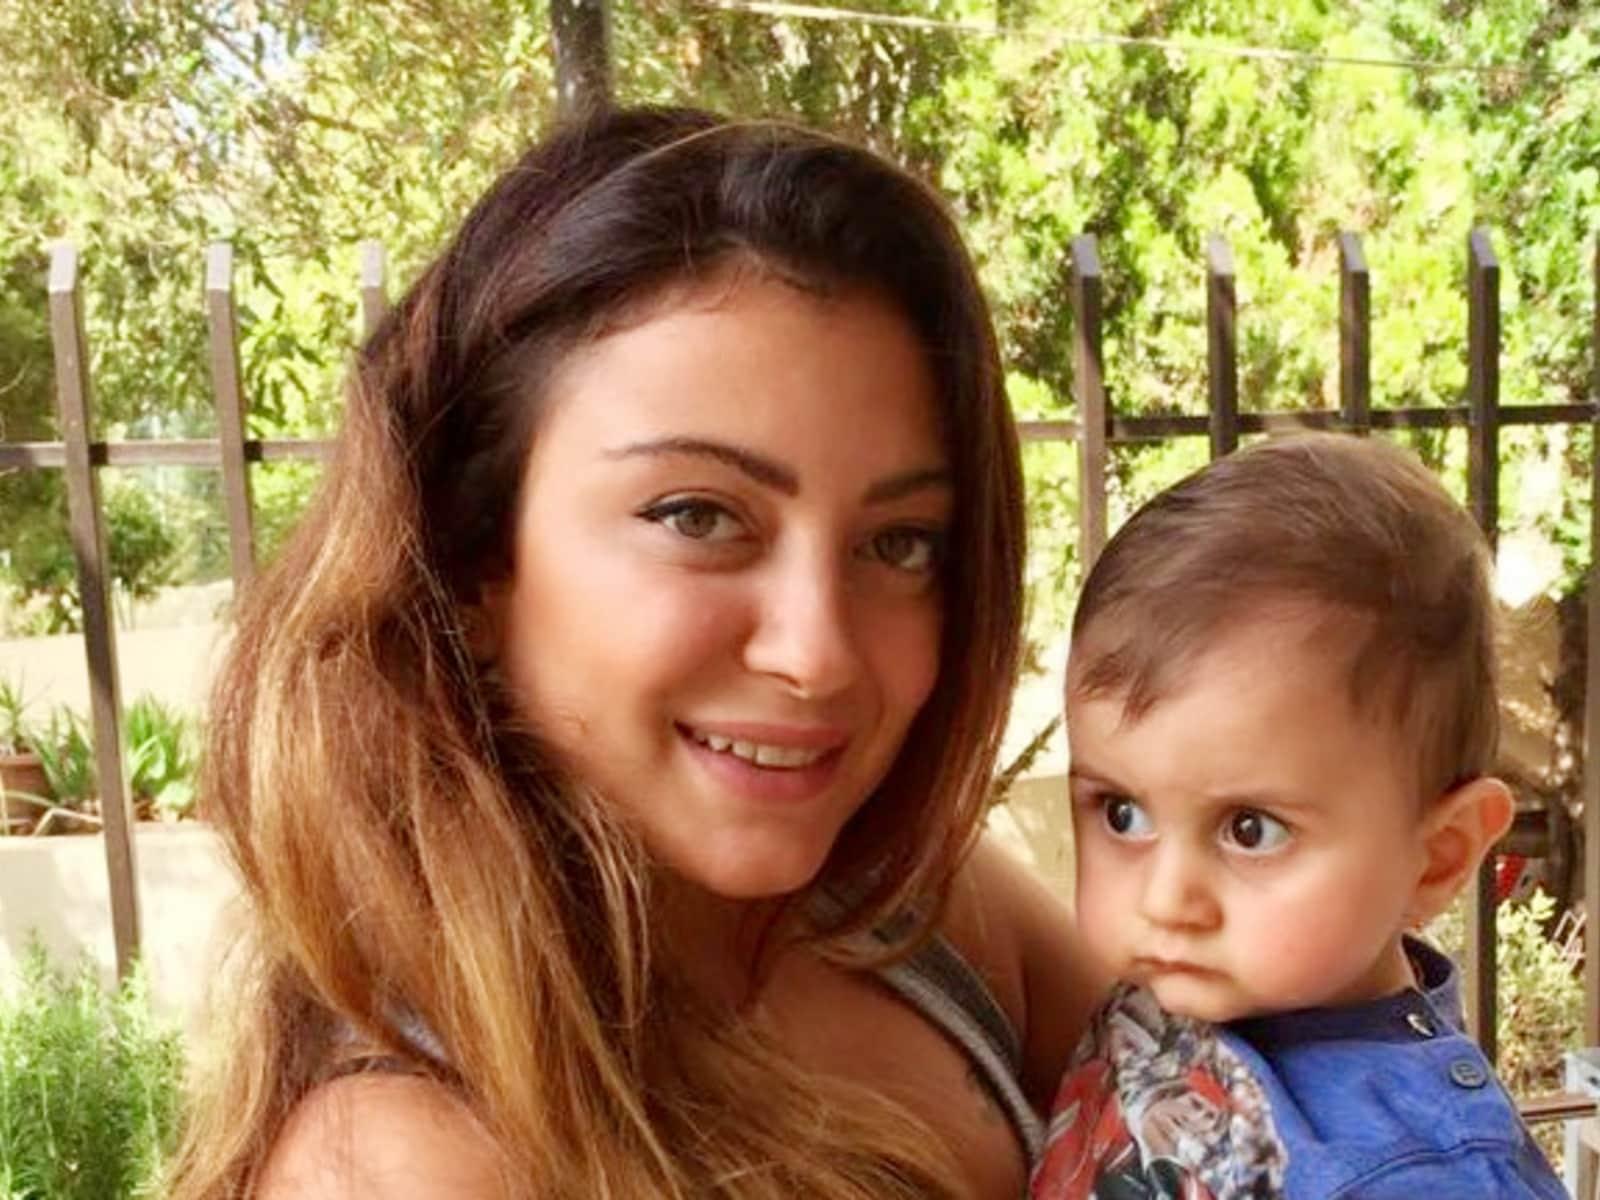 Marianne from Beirut, Lebanon